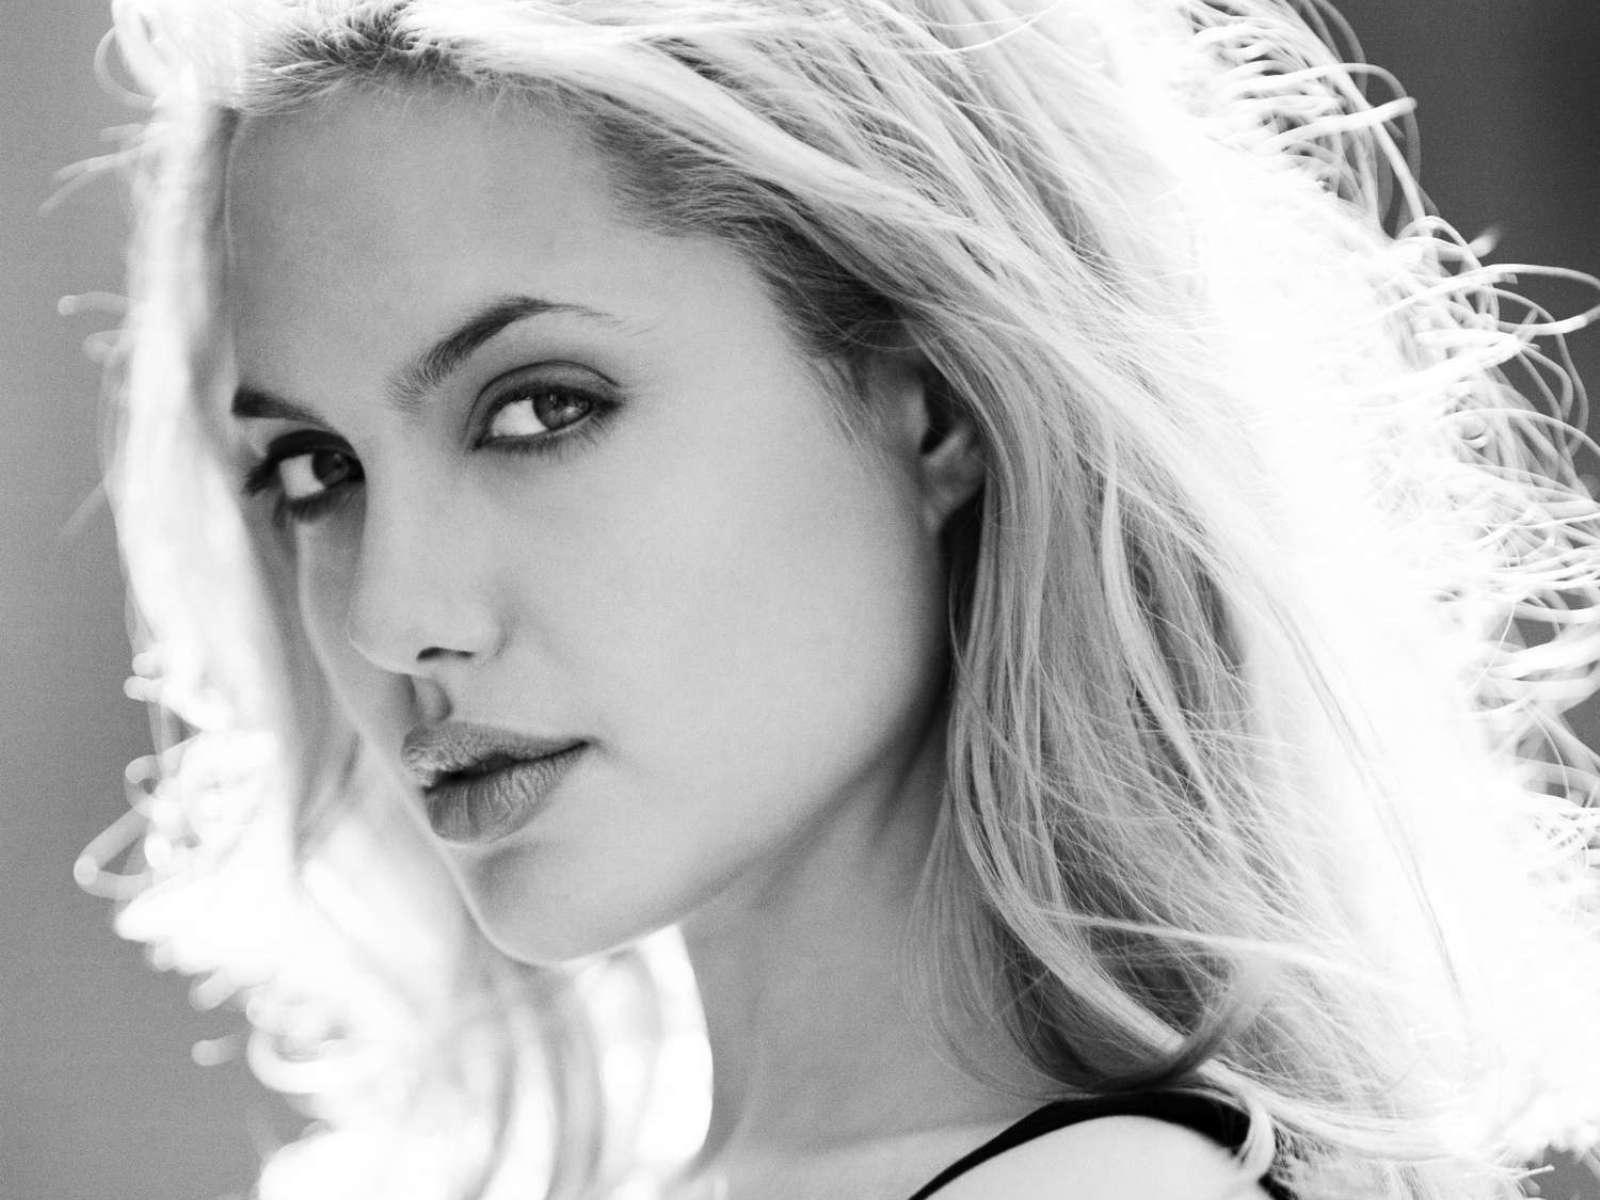 http://3.bp.blogspot.com/-yDmofehUfuc/UBTl-IpuwhI/AAAAAAAAMck/R8NpiFKMb8s/s1600/Angelina-Jolie-330.jpg